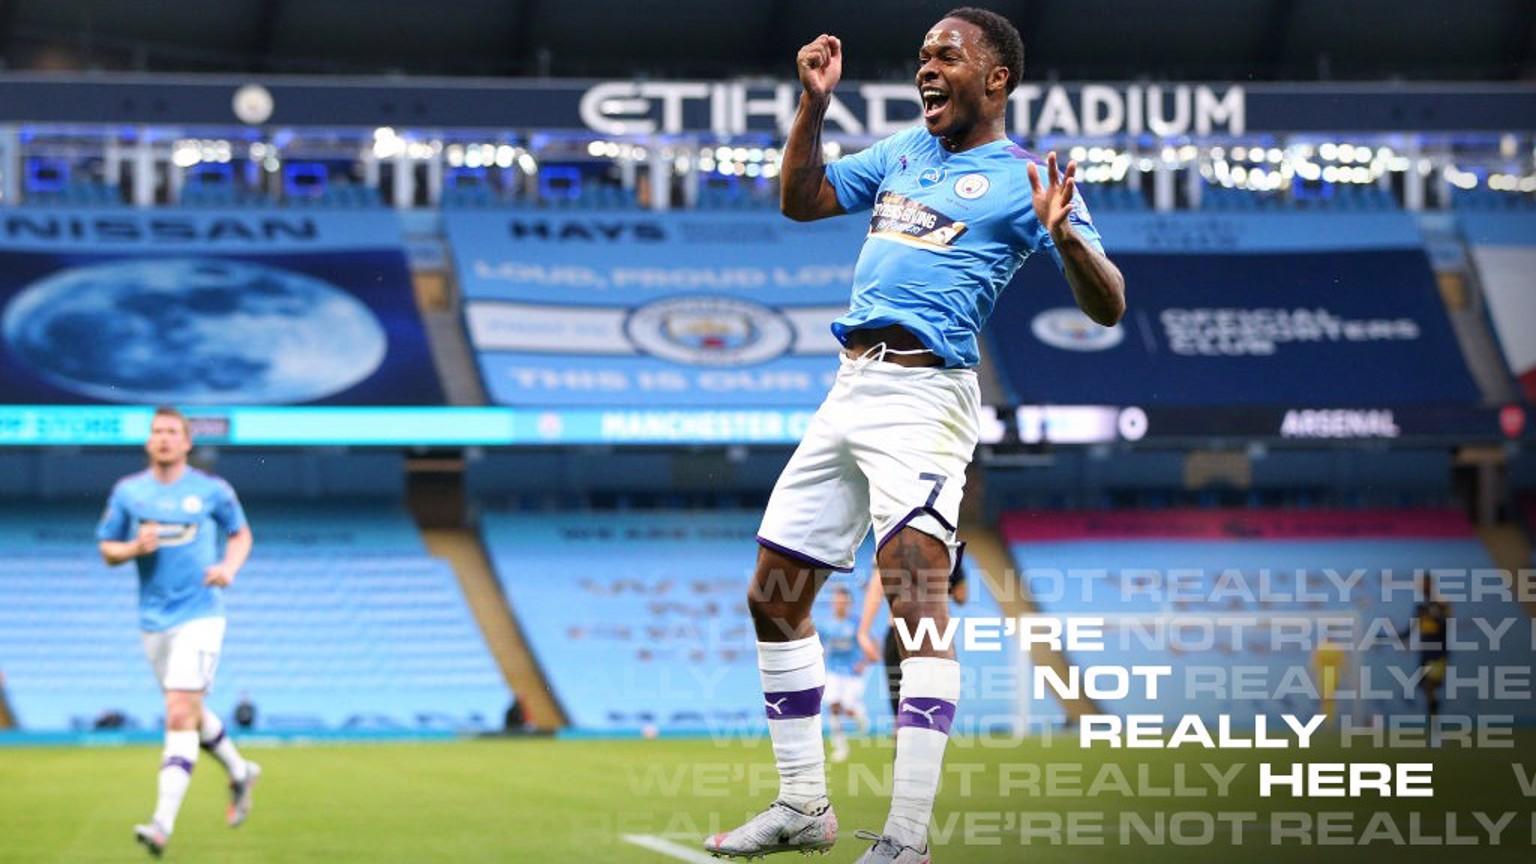 City mata saudade da Premier League com vitória